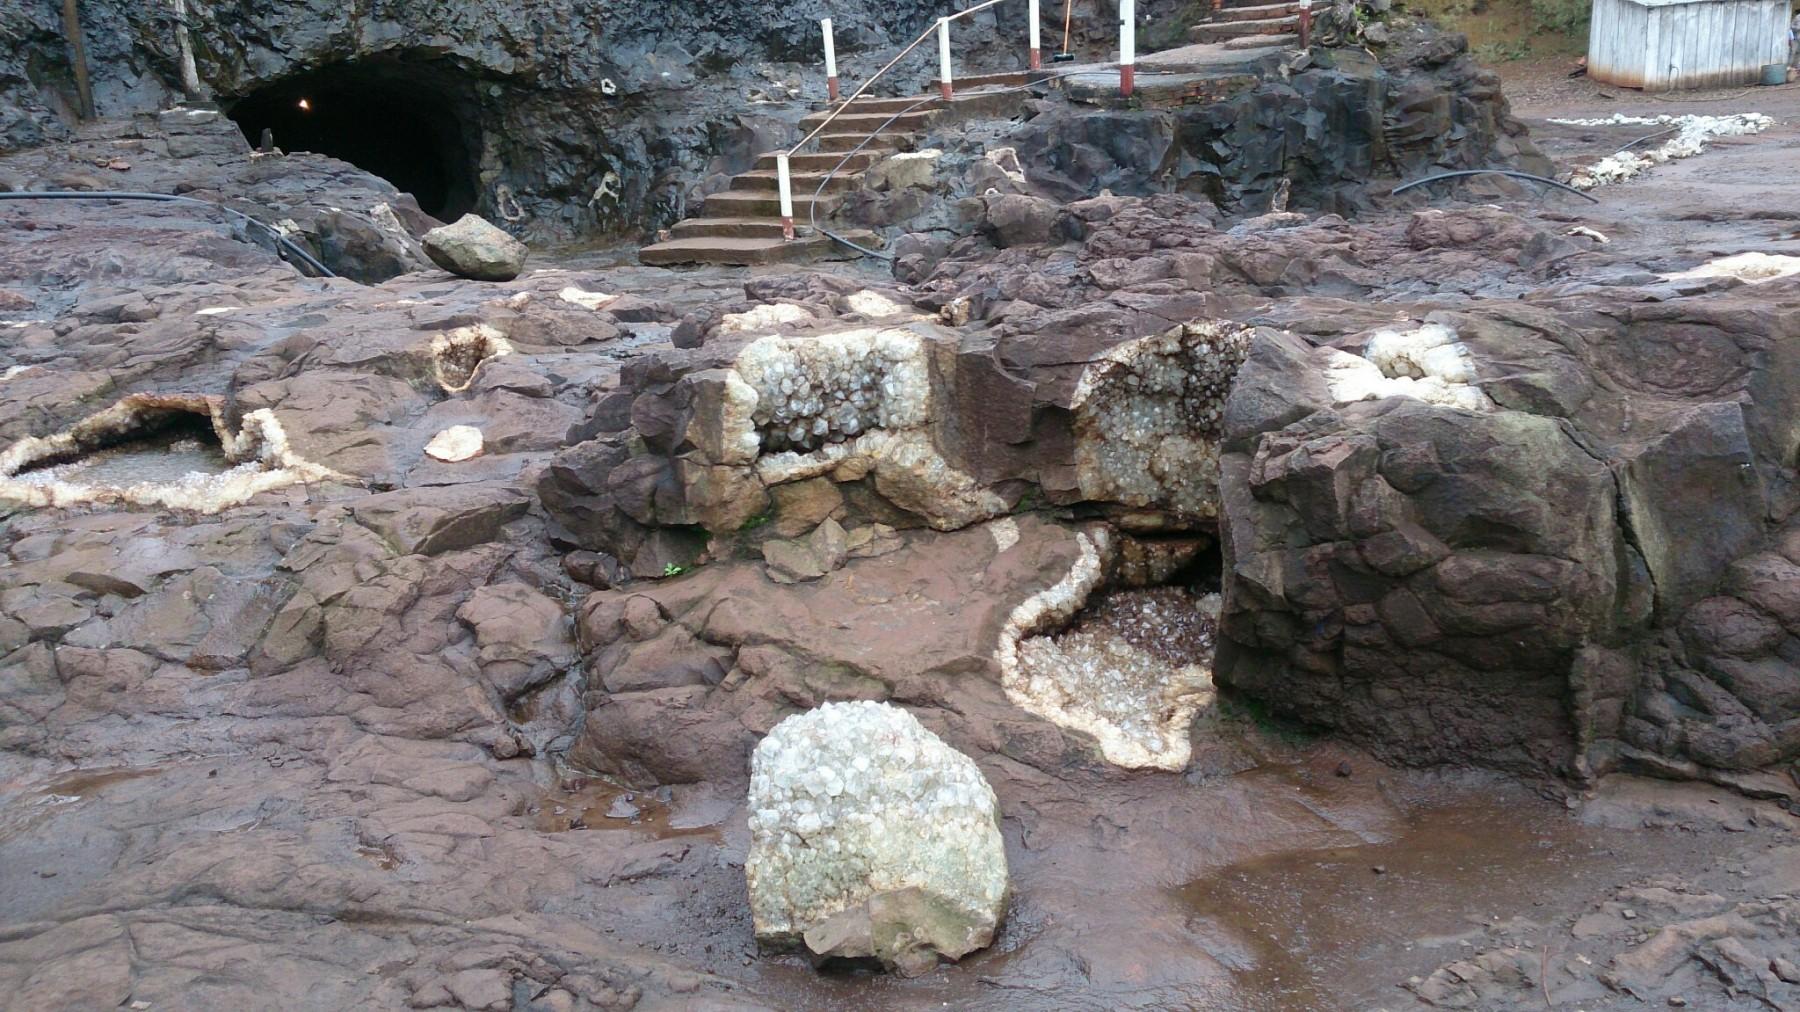 Roteiro-foz-do-iguaçu-minas-de-wanda-2-1800x1012 Roteiro Foz do Iguaçu Completo (e ÉPICO) - 3 a 5 dias